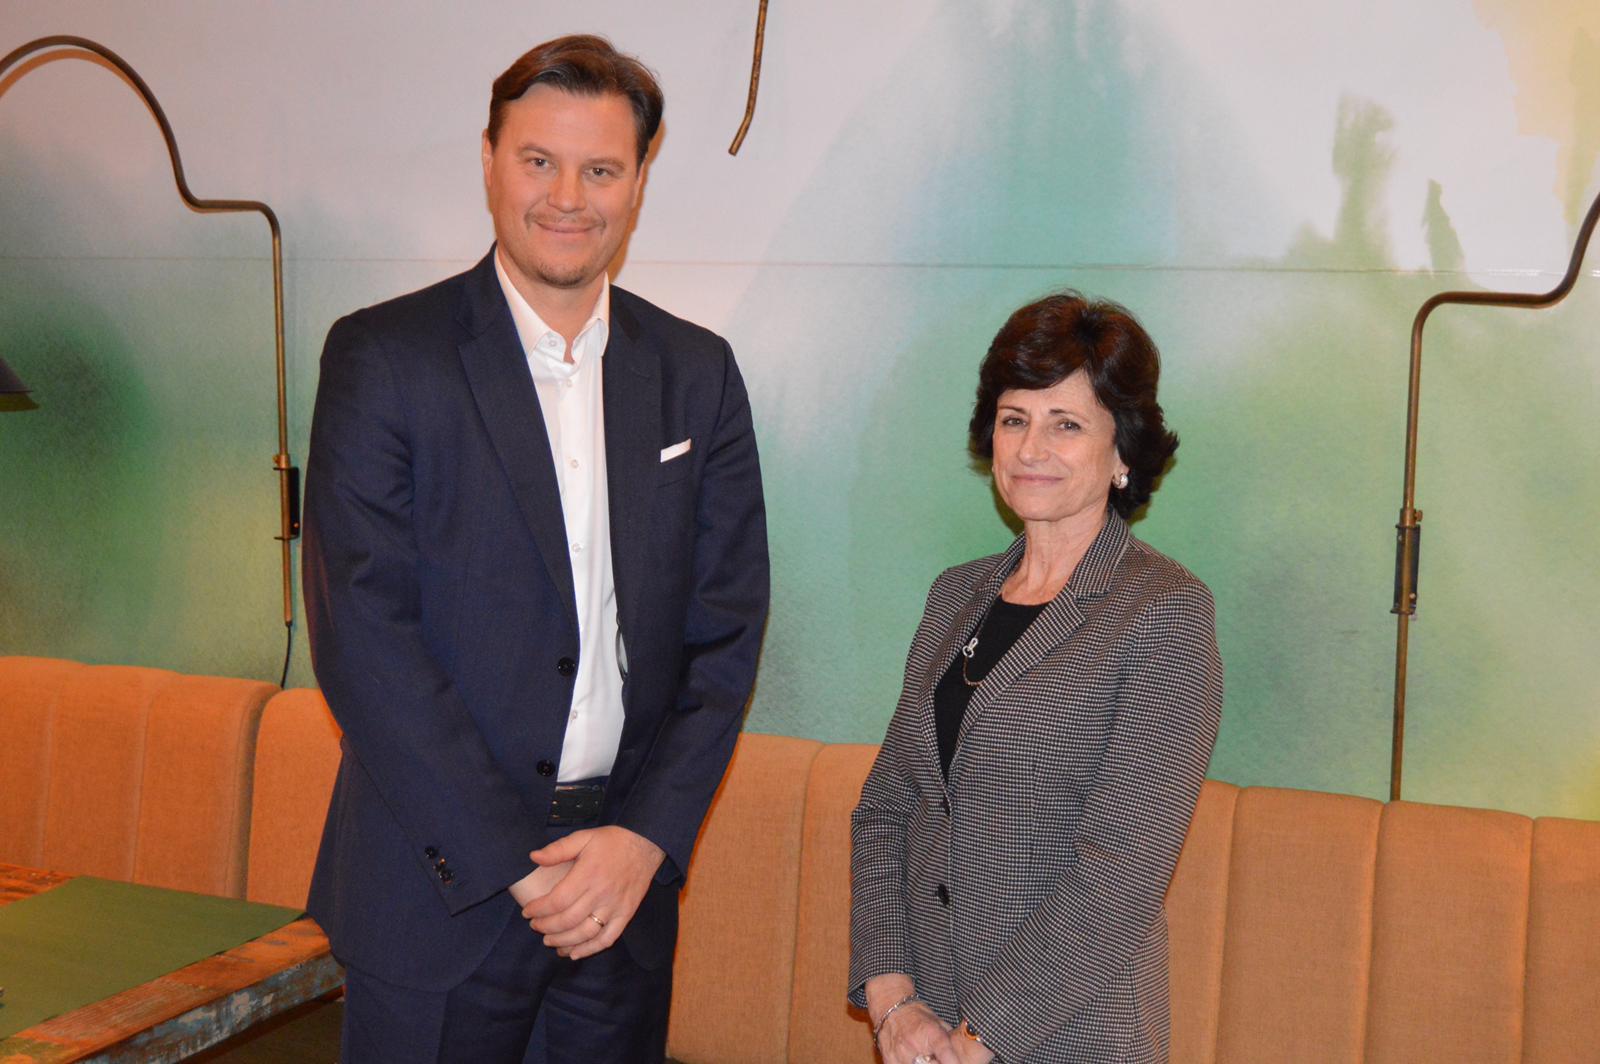 Giuseppe Chiericatti, director general, y Carmen Basolas, directora de Relaciones Institucionales y Thecnical Affairs de Chiesi.